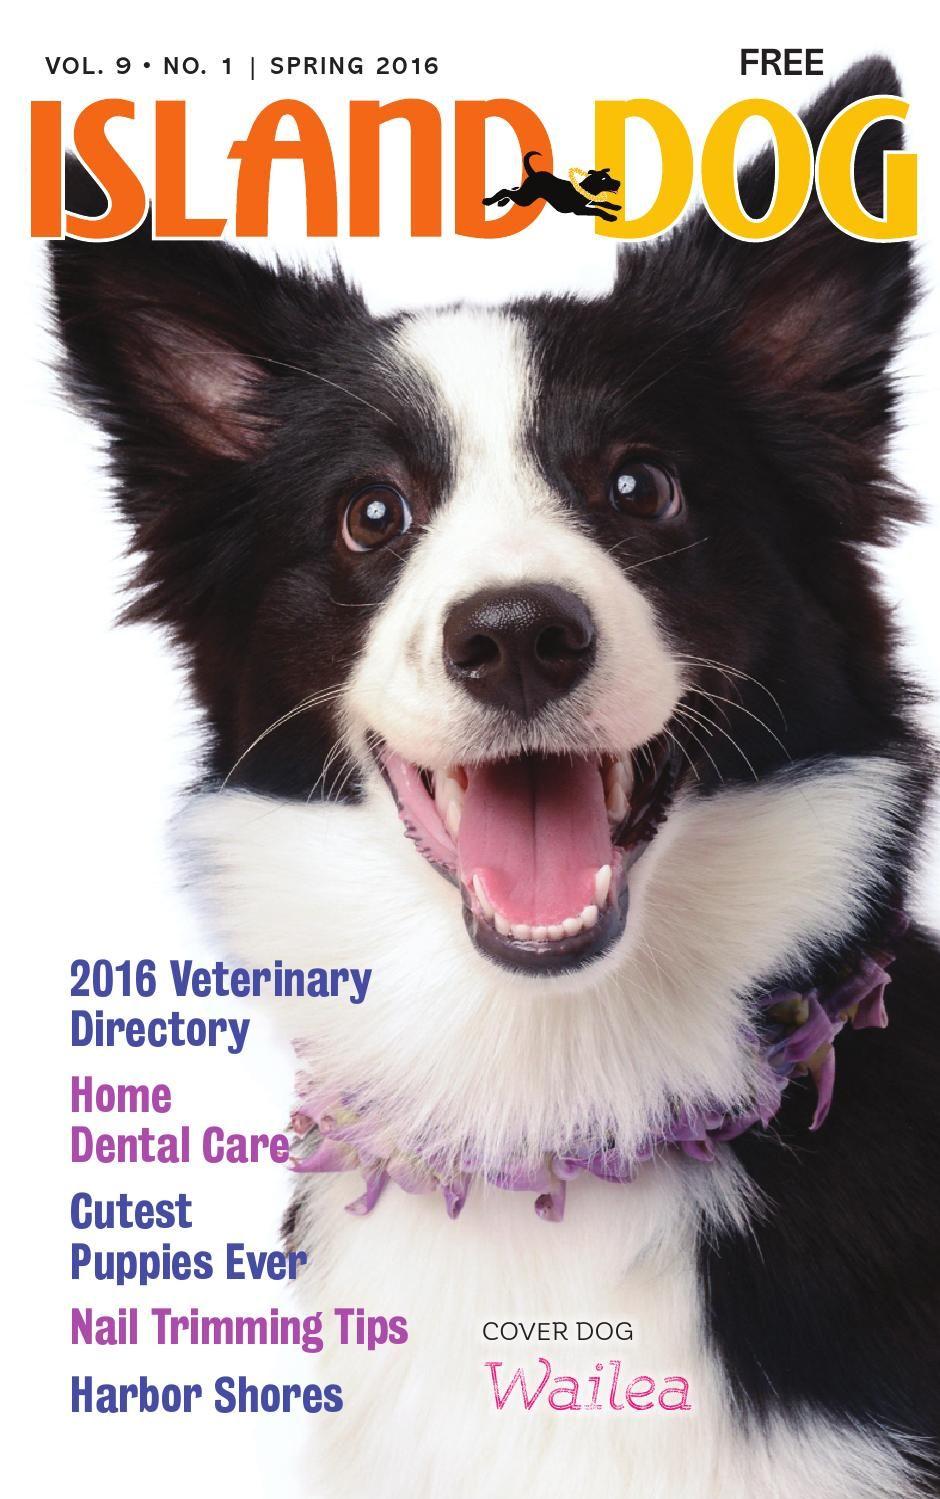 Island Dog Magazine Spring 2016 Dog Magazine Cutest Puppy Ever Pet Magazine